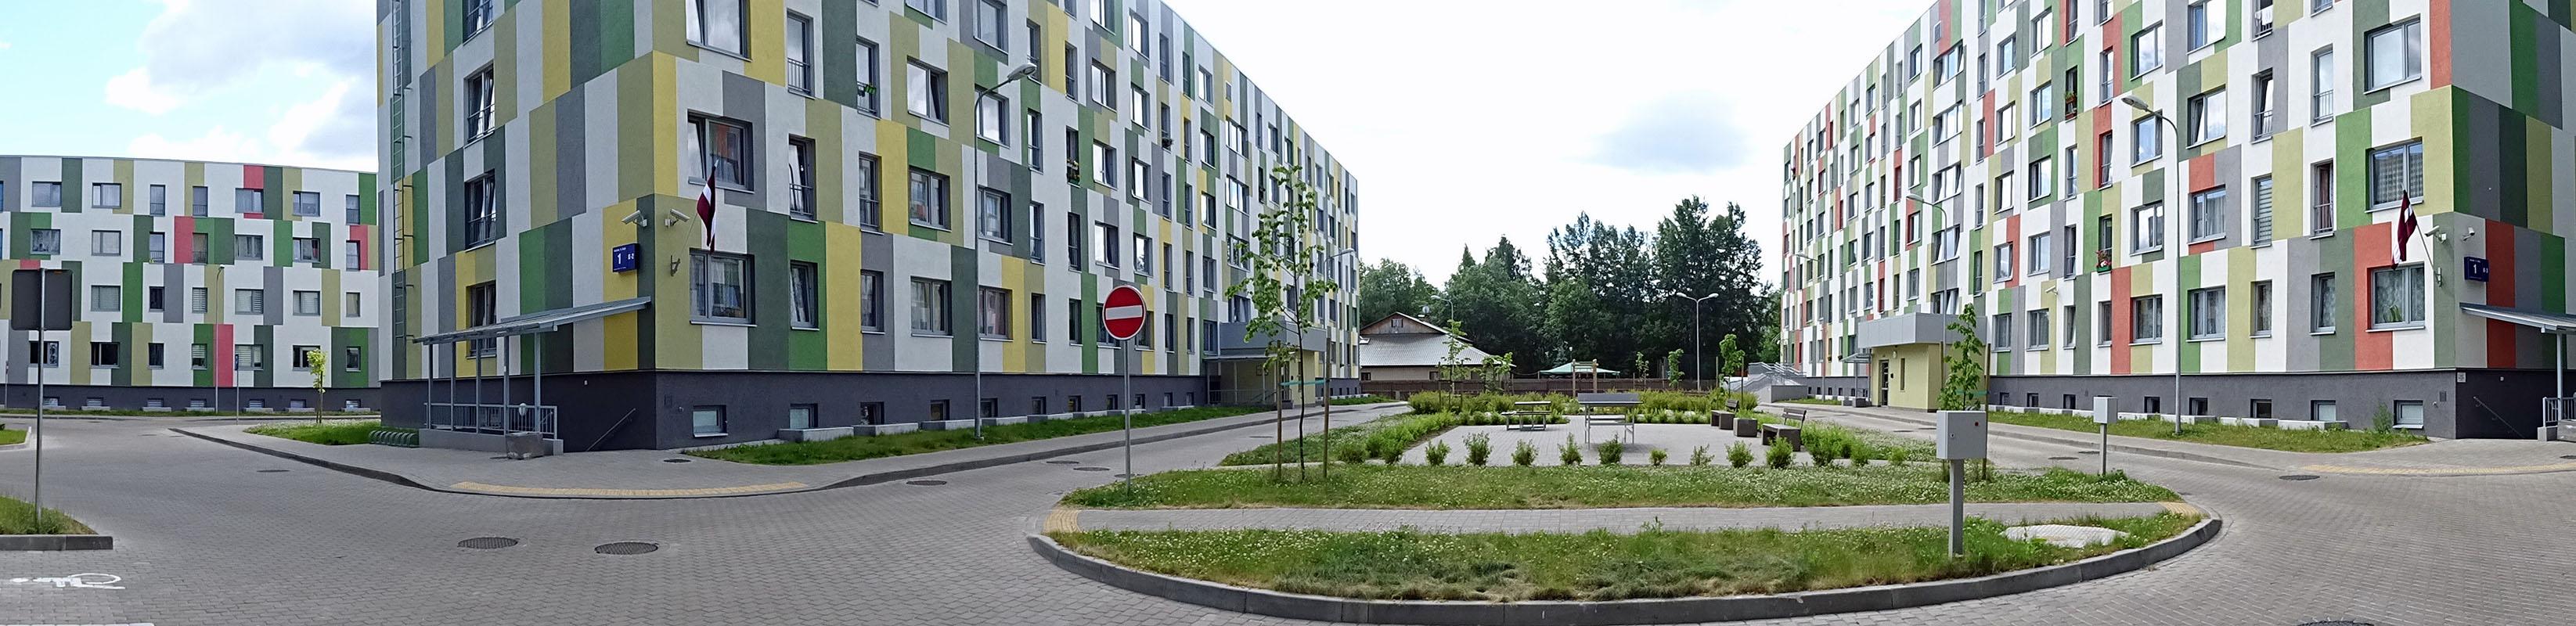 Neue Sozialwohnungen mit einem Tagestreff als Zentrum. Fotos: Henze